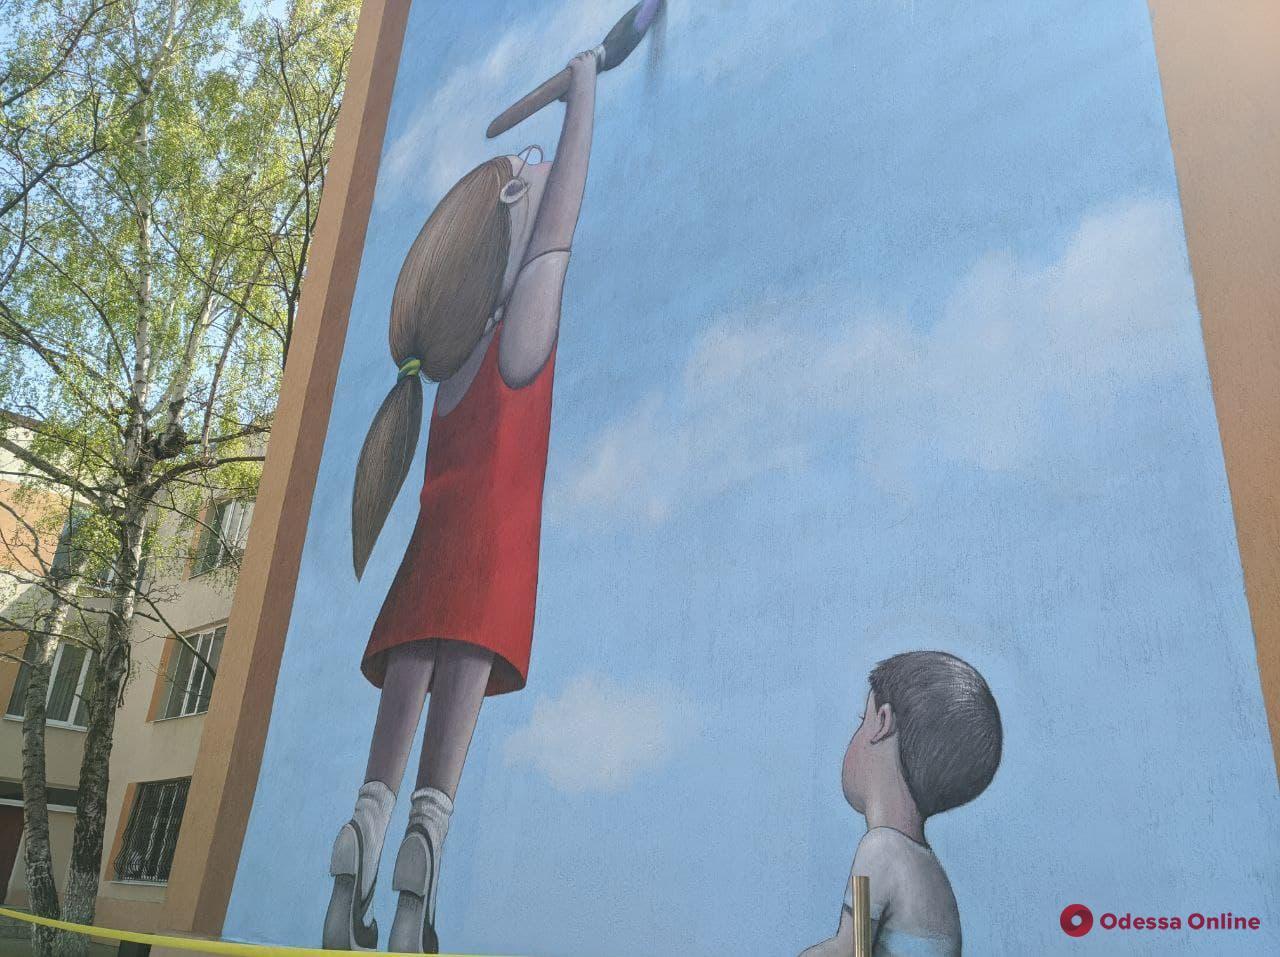 На фасаде одесской школы появился мурал от известного французского художника